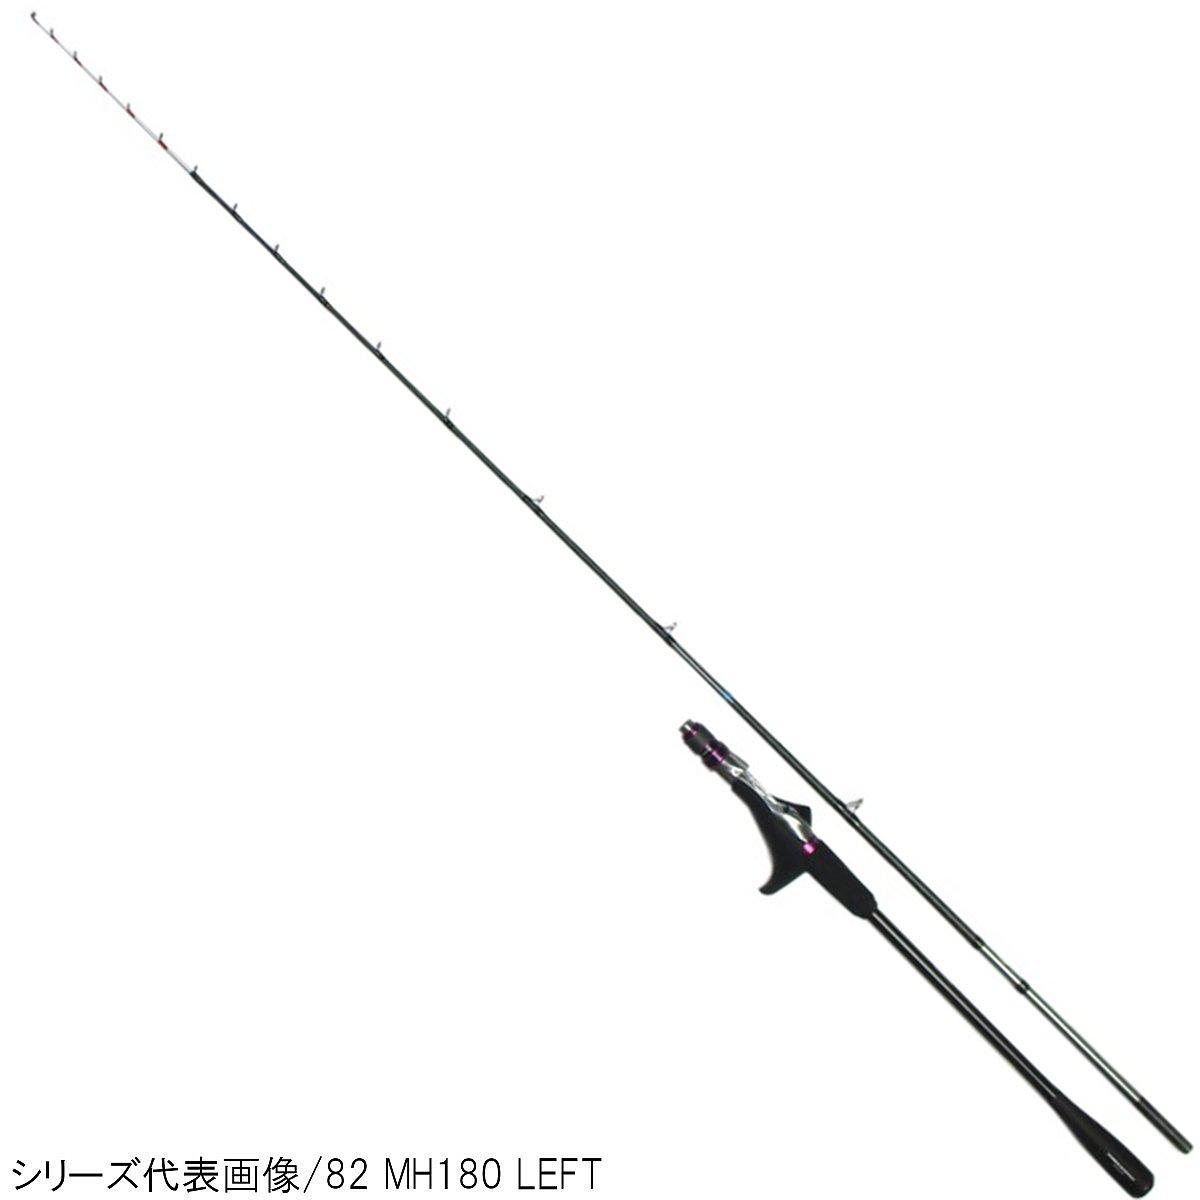 シマノ サーベルマスター Xチューン テンヤ 73 M190 LEFT